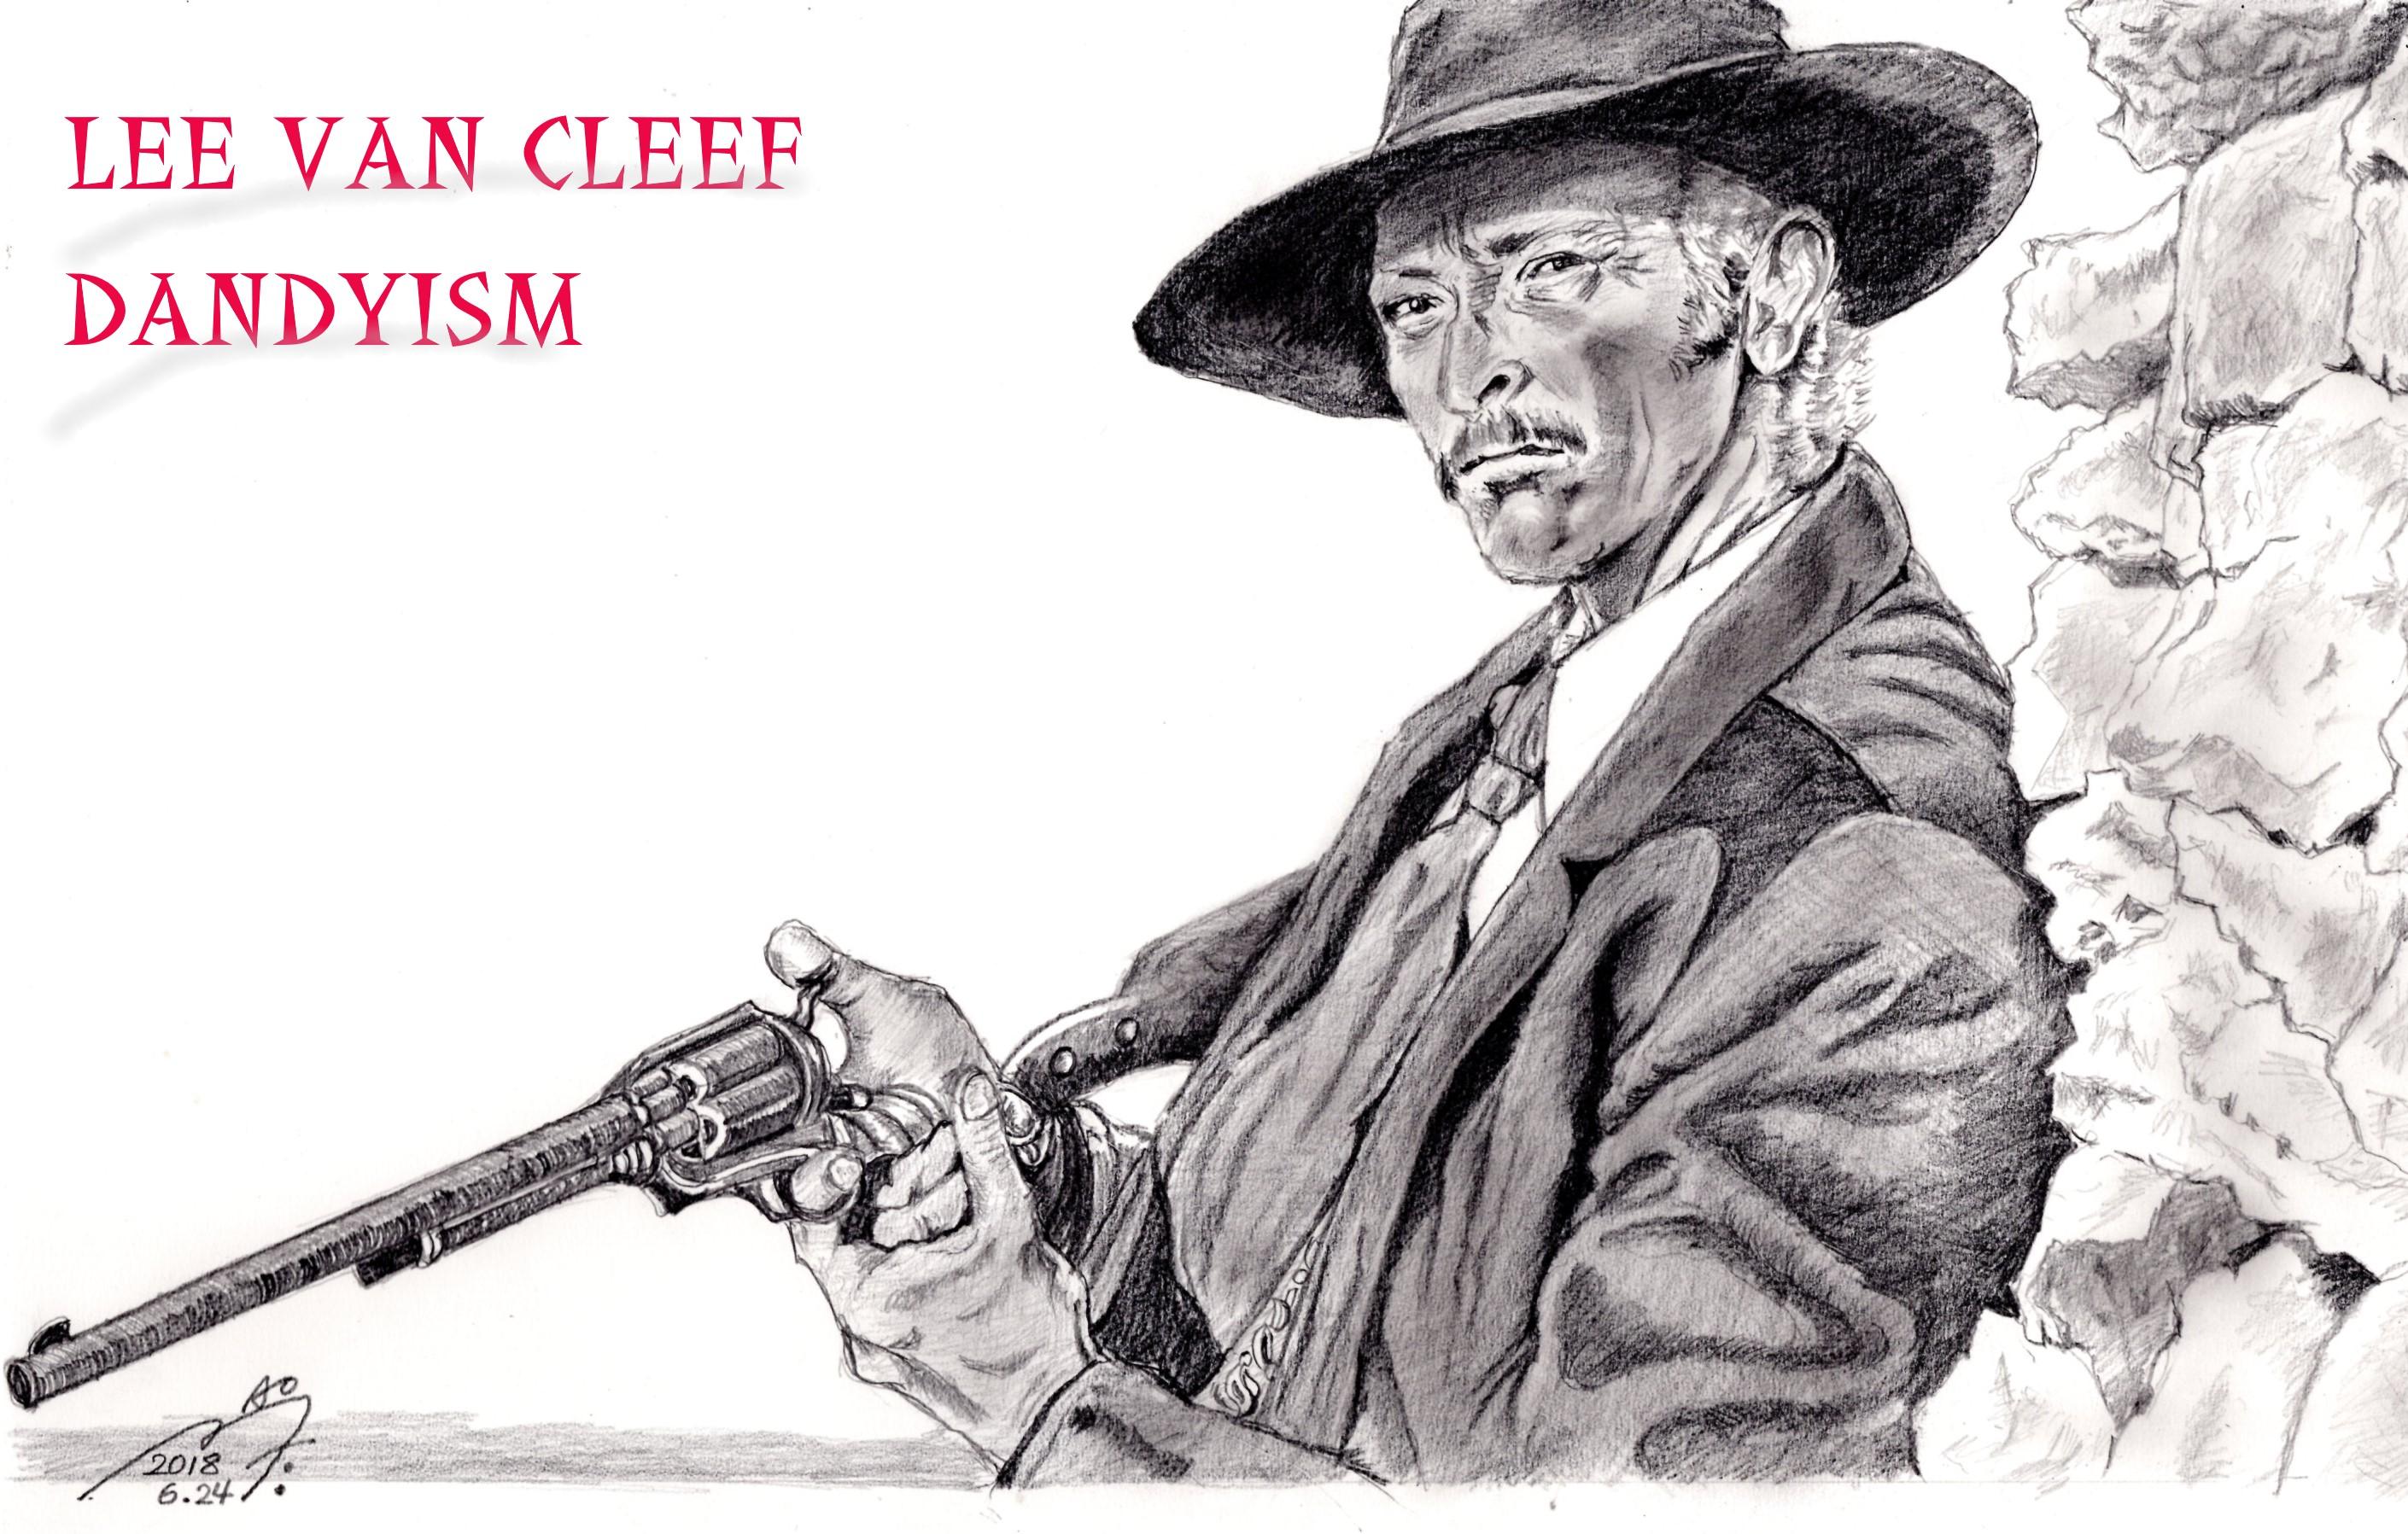 リー・ヴァン・クリーフ「夕陽のガンマン」の鉛筆画似顔絵